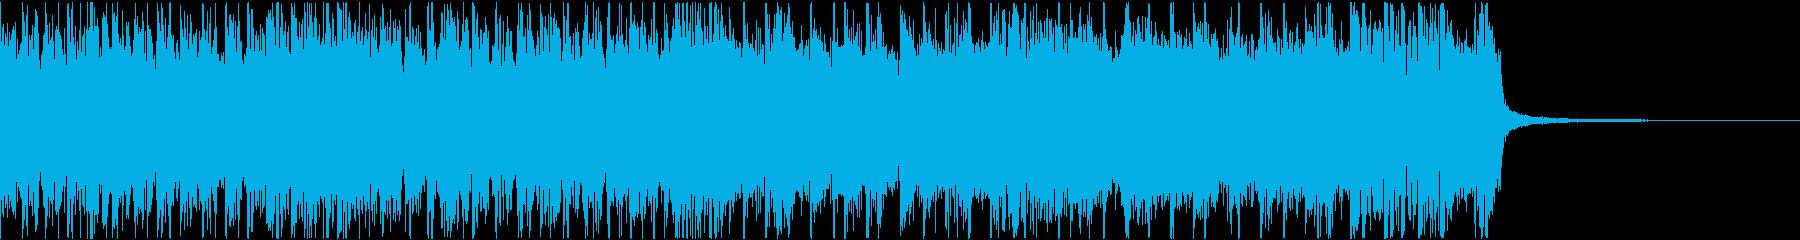 疾走感ある攻撃的なヘヴィメタルジングルの再生済みの波形